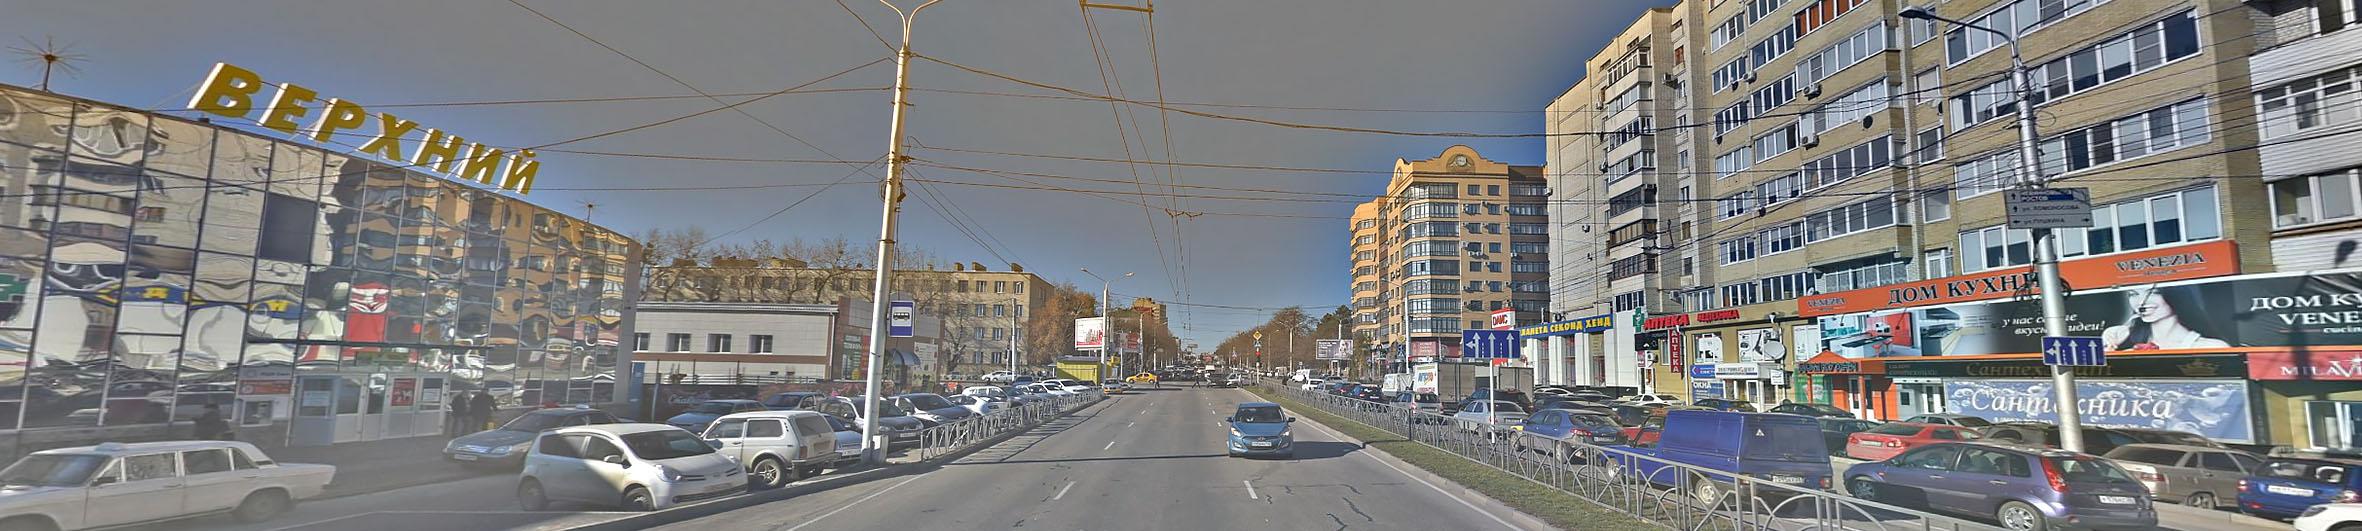 Распространение рекламных материалов Ставрополь